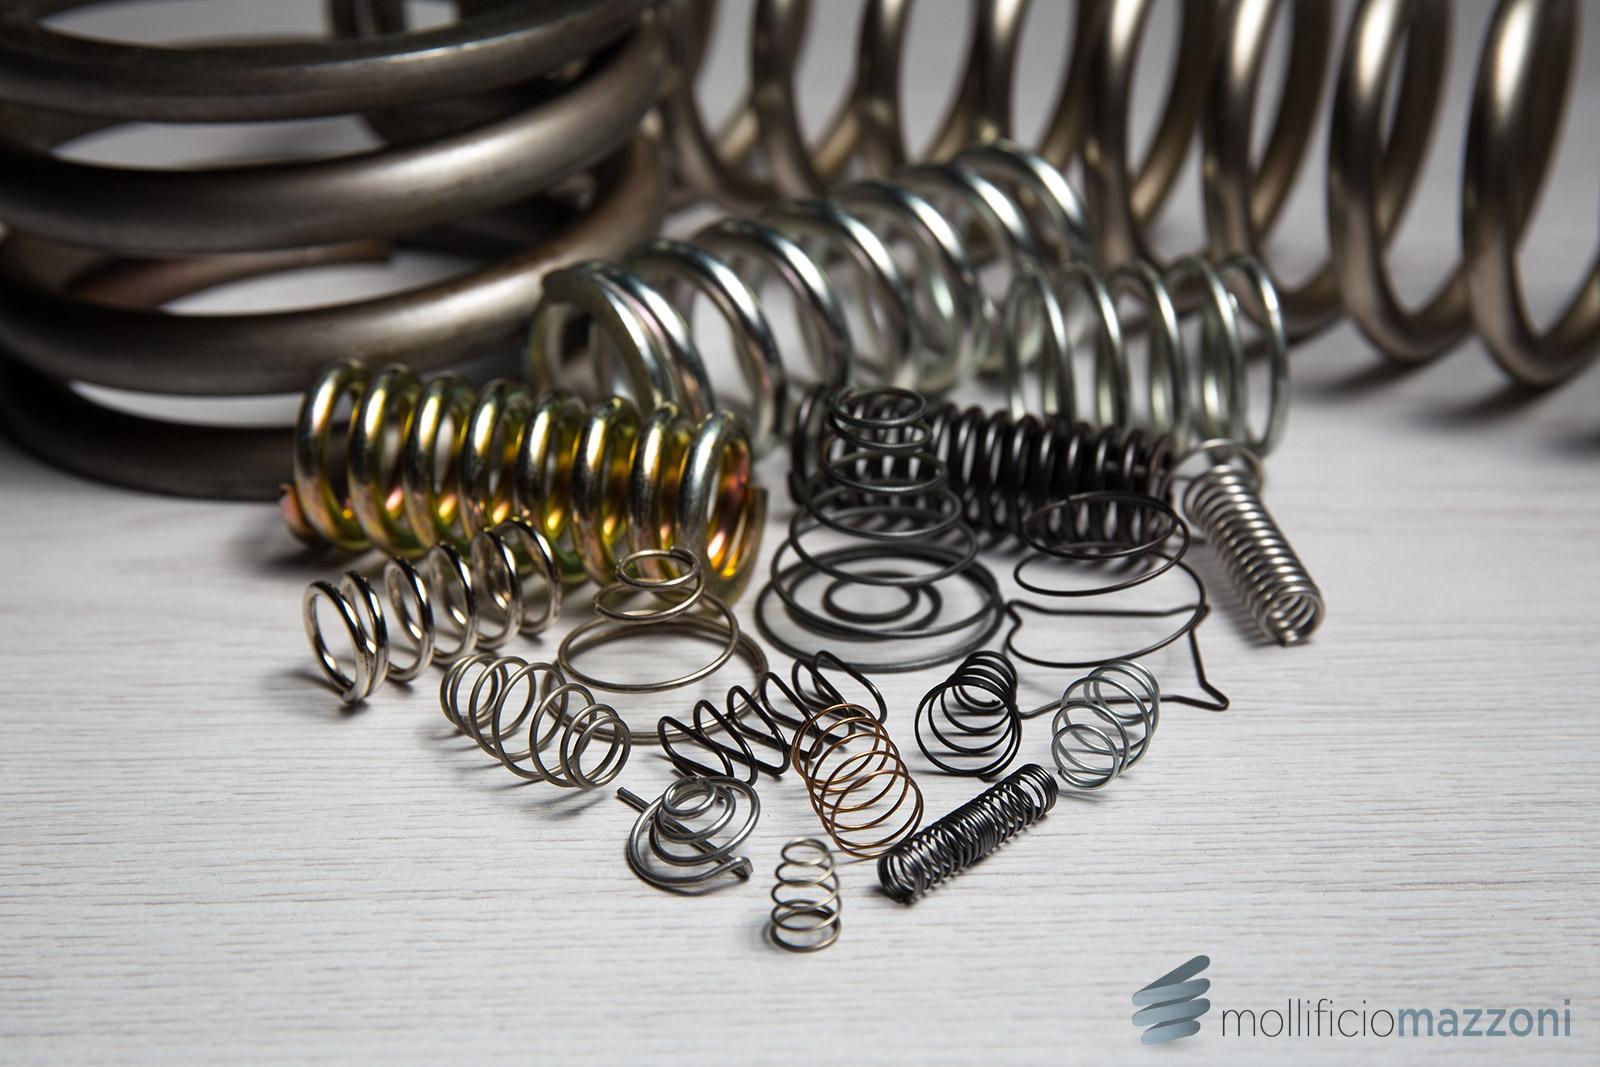 mollificio-mazzoni-molle-compressione-12